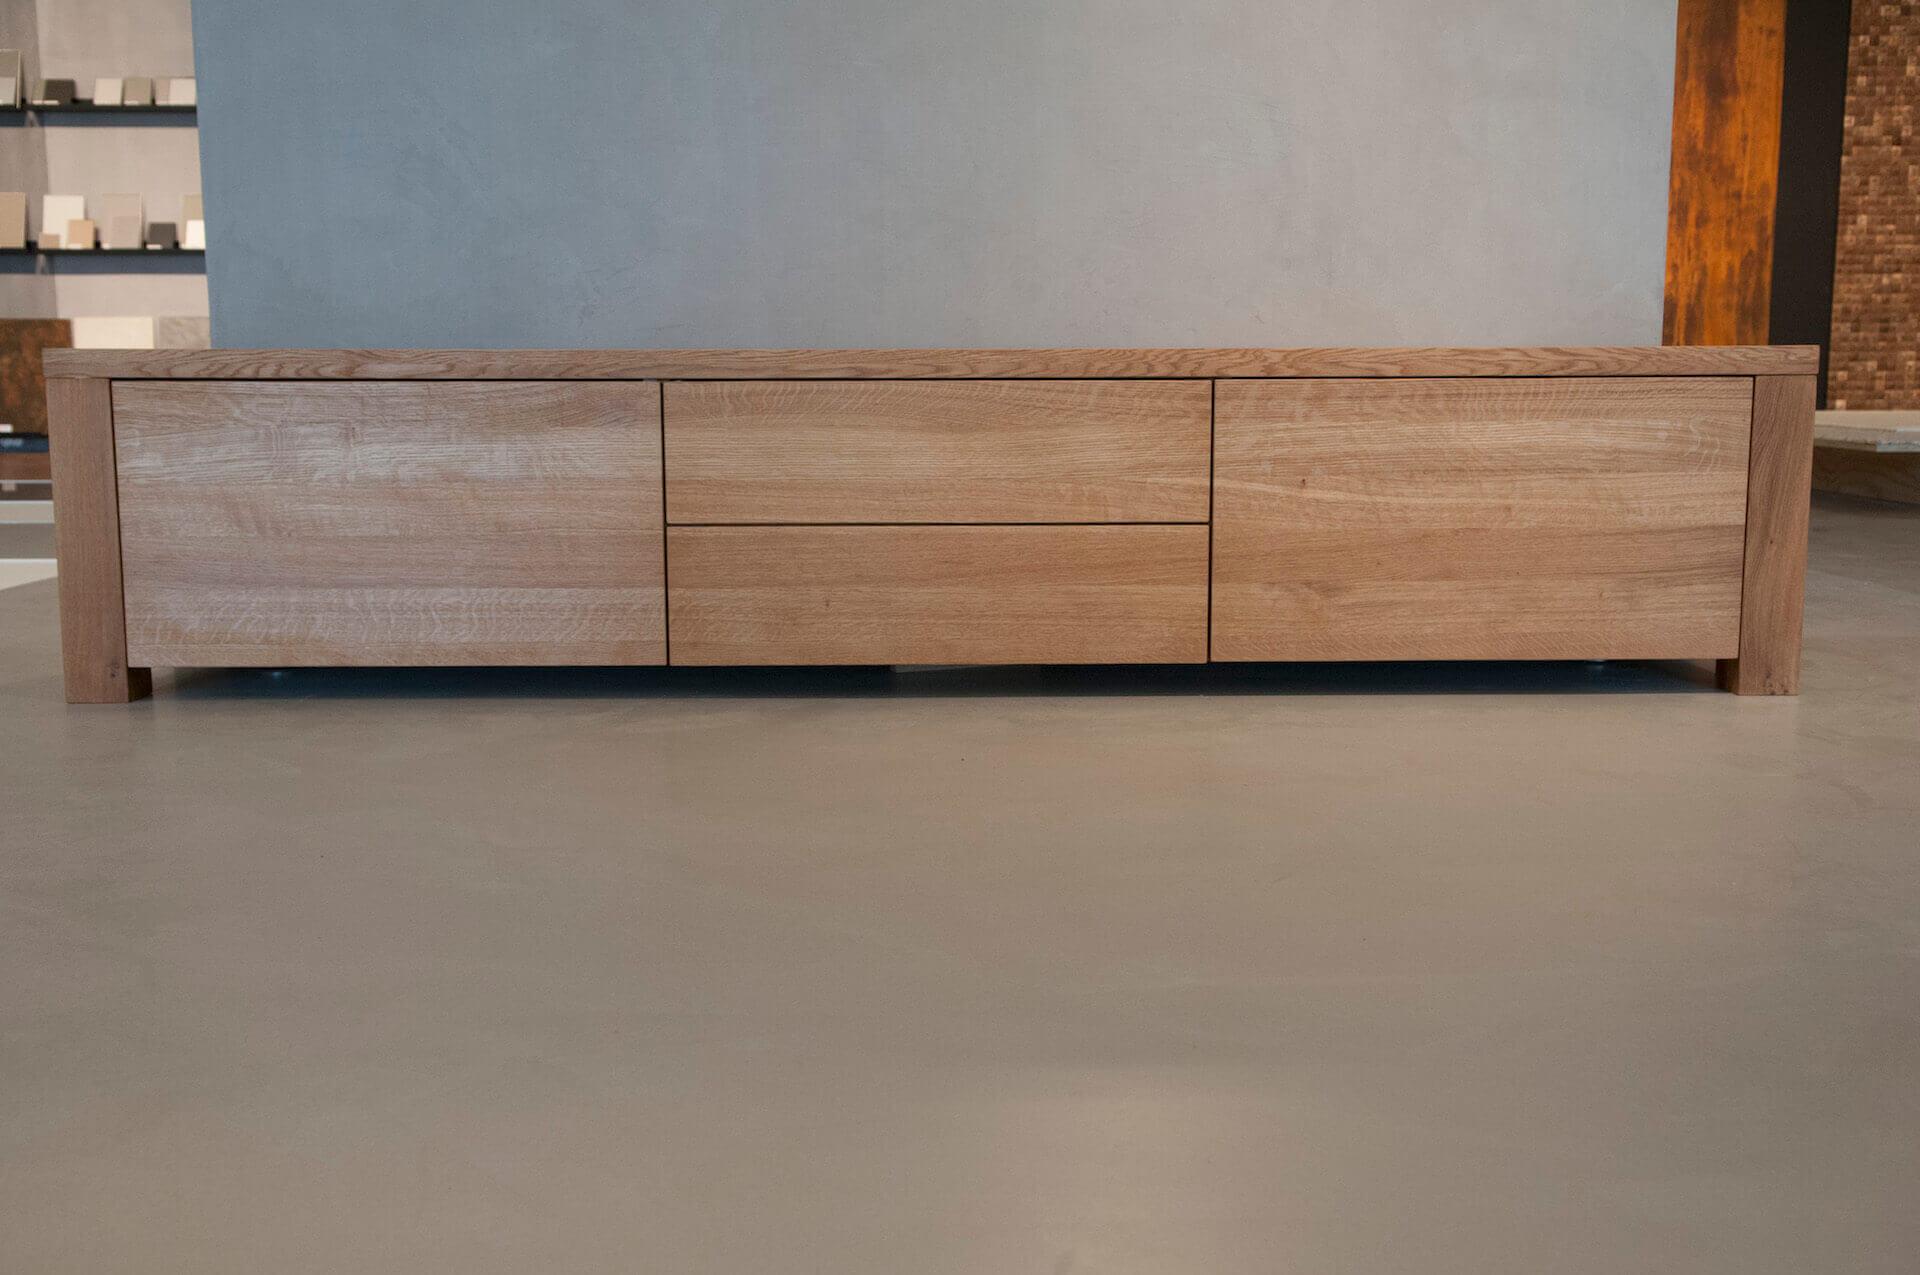 Eikenhout Tv Meubel : Eik tv meubel bergamo